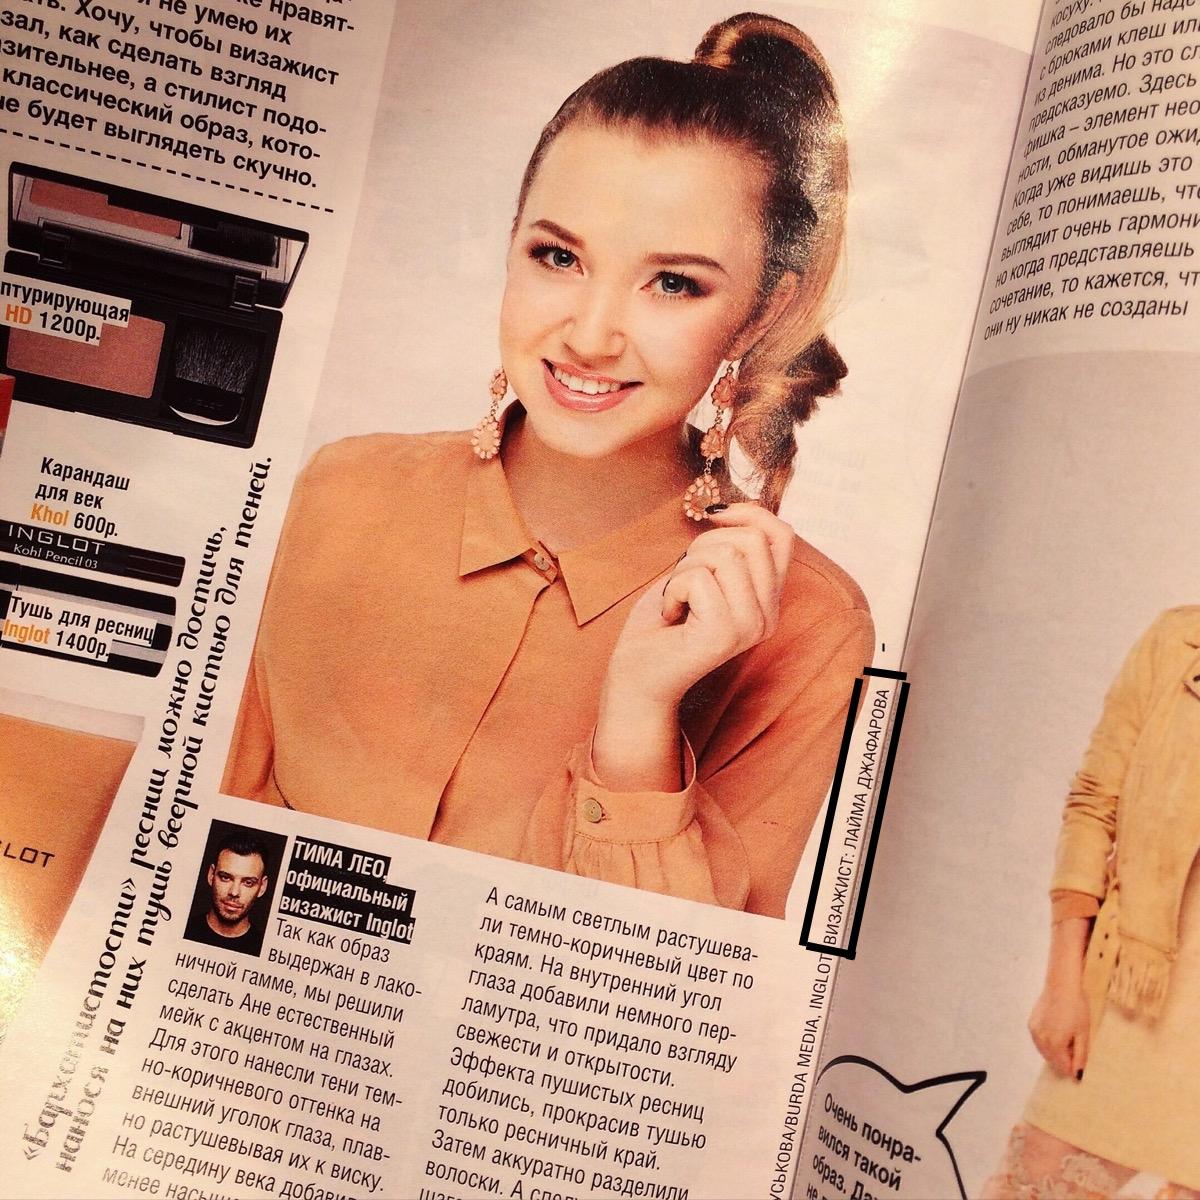 Фото со страницы журнала